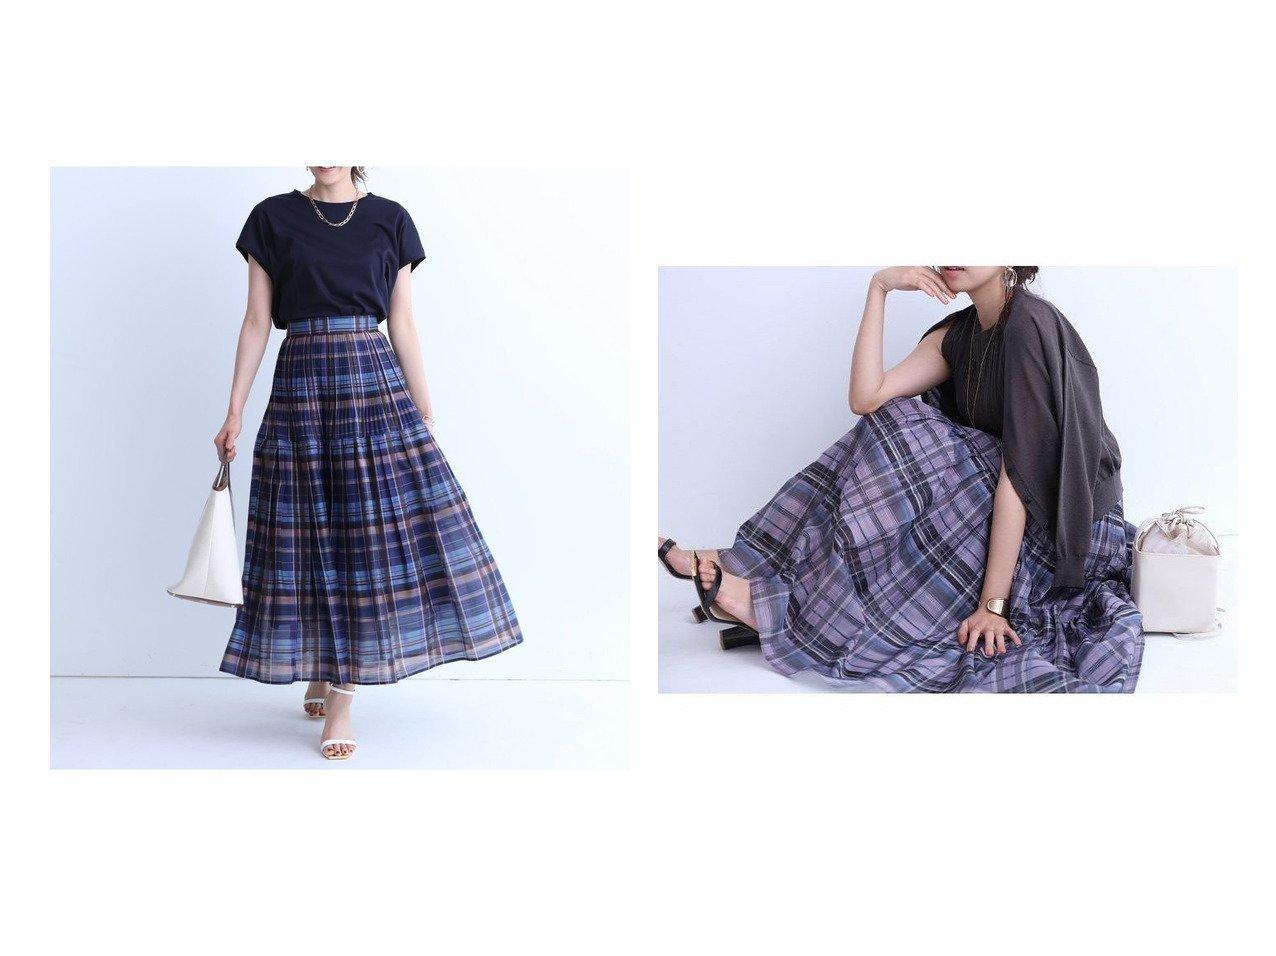 【JUSGLITTY/ジャスグリッティー】のNEWシアーチェックプリーツスカート 【スカート】おすすめ!人気、トレンド・レディースファッションの通販 おすすめで人気の流行・トレンド、ファッションの通販商品 インテリア・家具・メンズファッション・キッズファッション・レディースファッション・服の通販 founy(ファニー) https://founy.com/ ファッション Fashion レディースファッション WOMEN スカート Skirt プリーツスカート Pleated Skirts NEW・新作・新着・新入荷 New Arrivals エレガント フレア プリーツ |ID:crp329100000055811